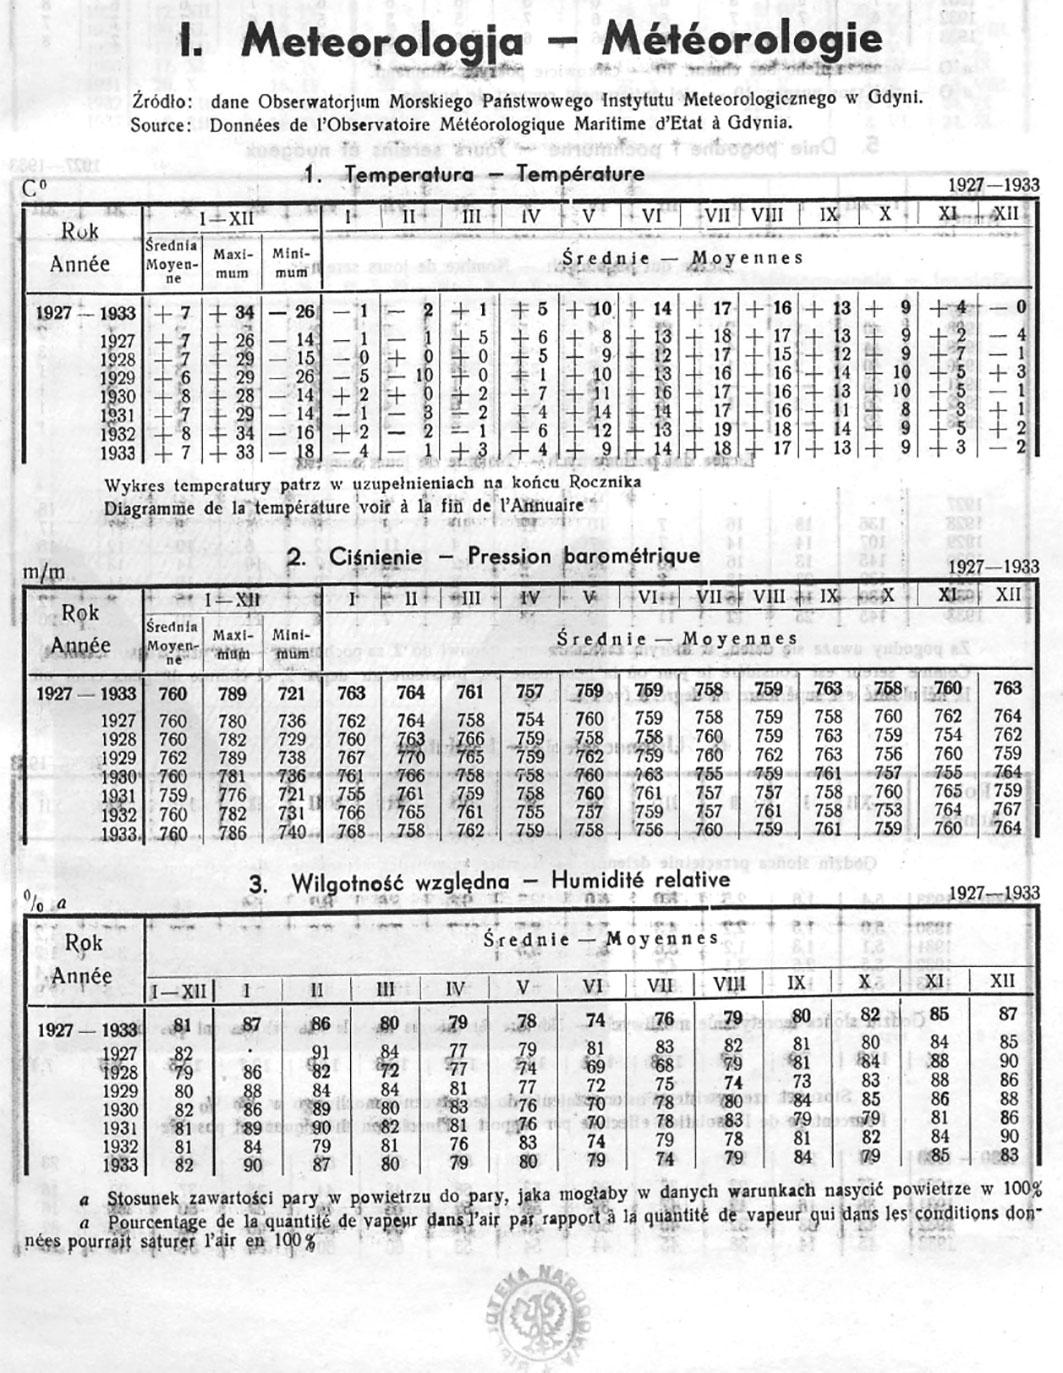 Meteorologia, [W:] Rocznik Statystyczny Gdyni 1933-1934 // Redakcja Bolesław Polkowski // Redakcja Bolesław Polkowski Kierownik Biura Statystycznego. – Referat Statystyczny Komisarjatu Rządu w Gdyni, Gdynia 1934